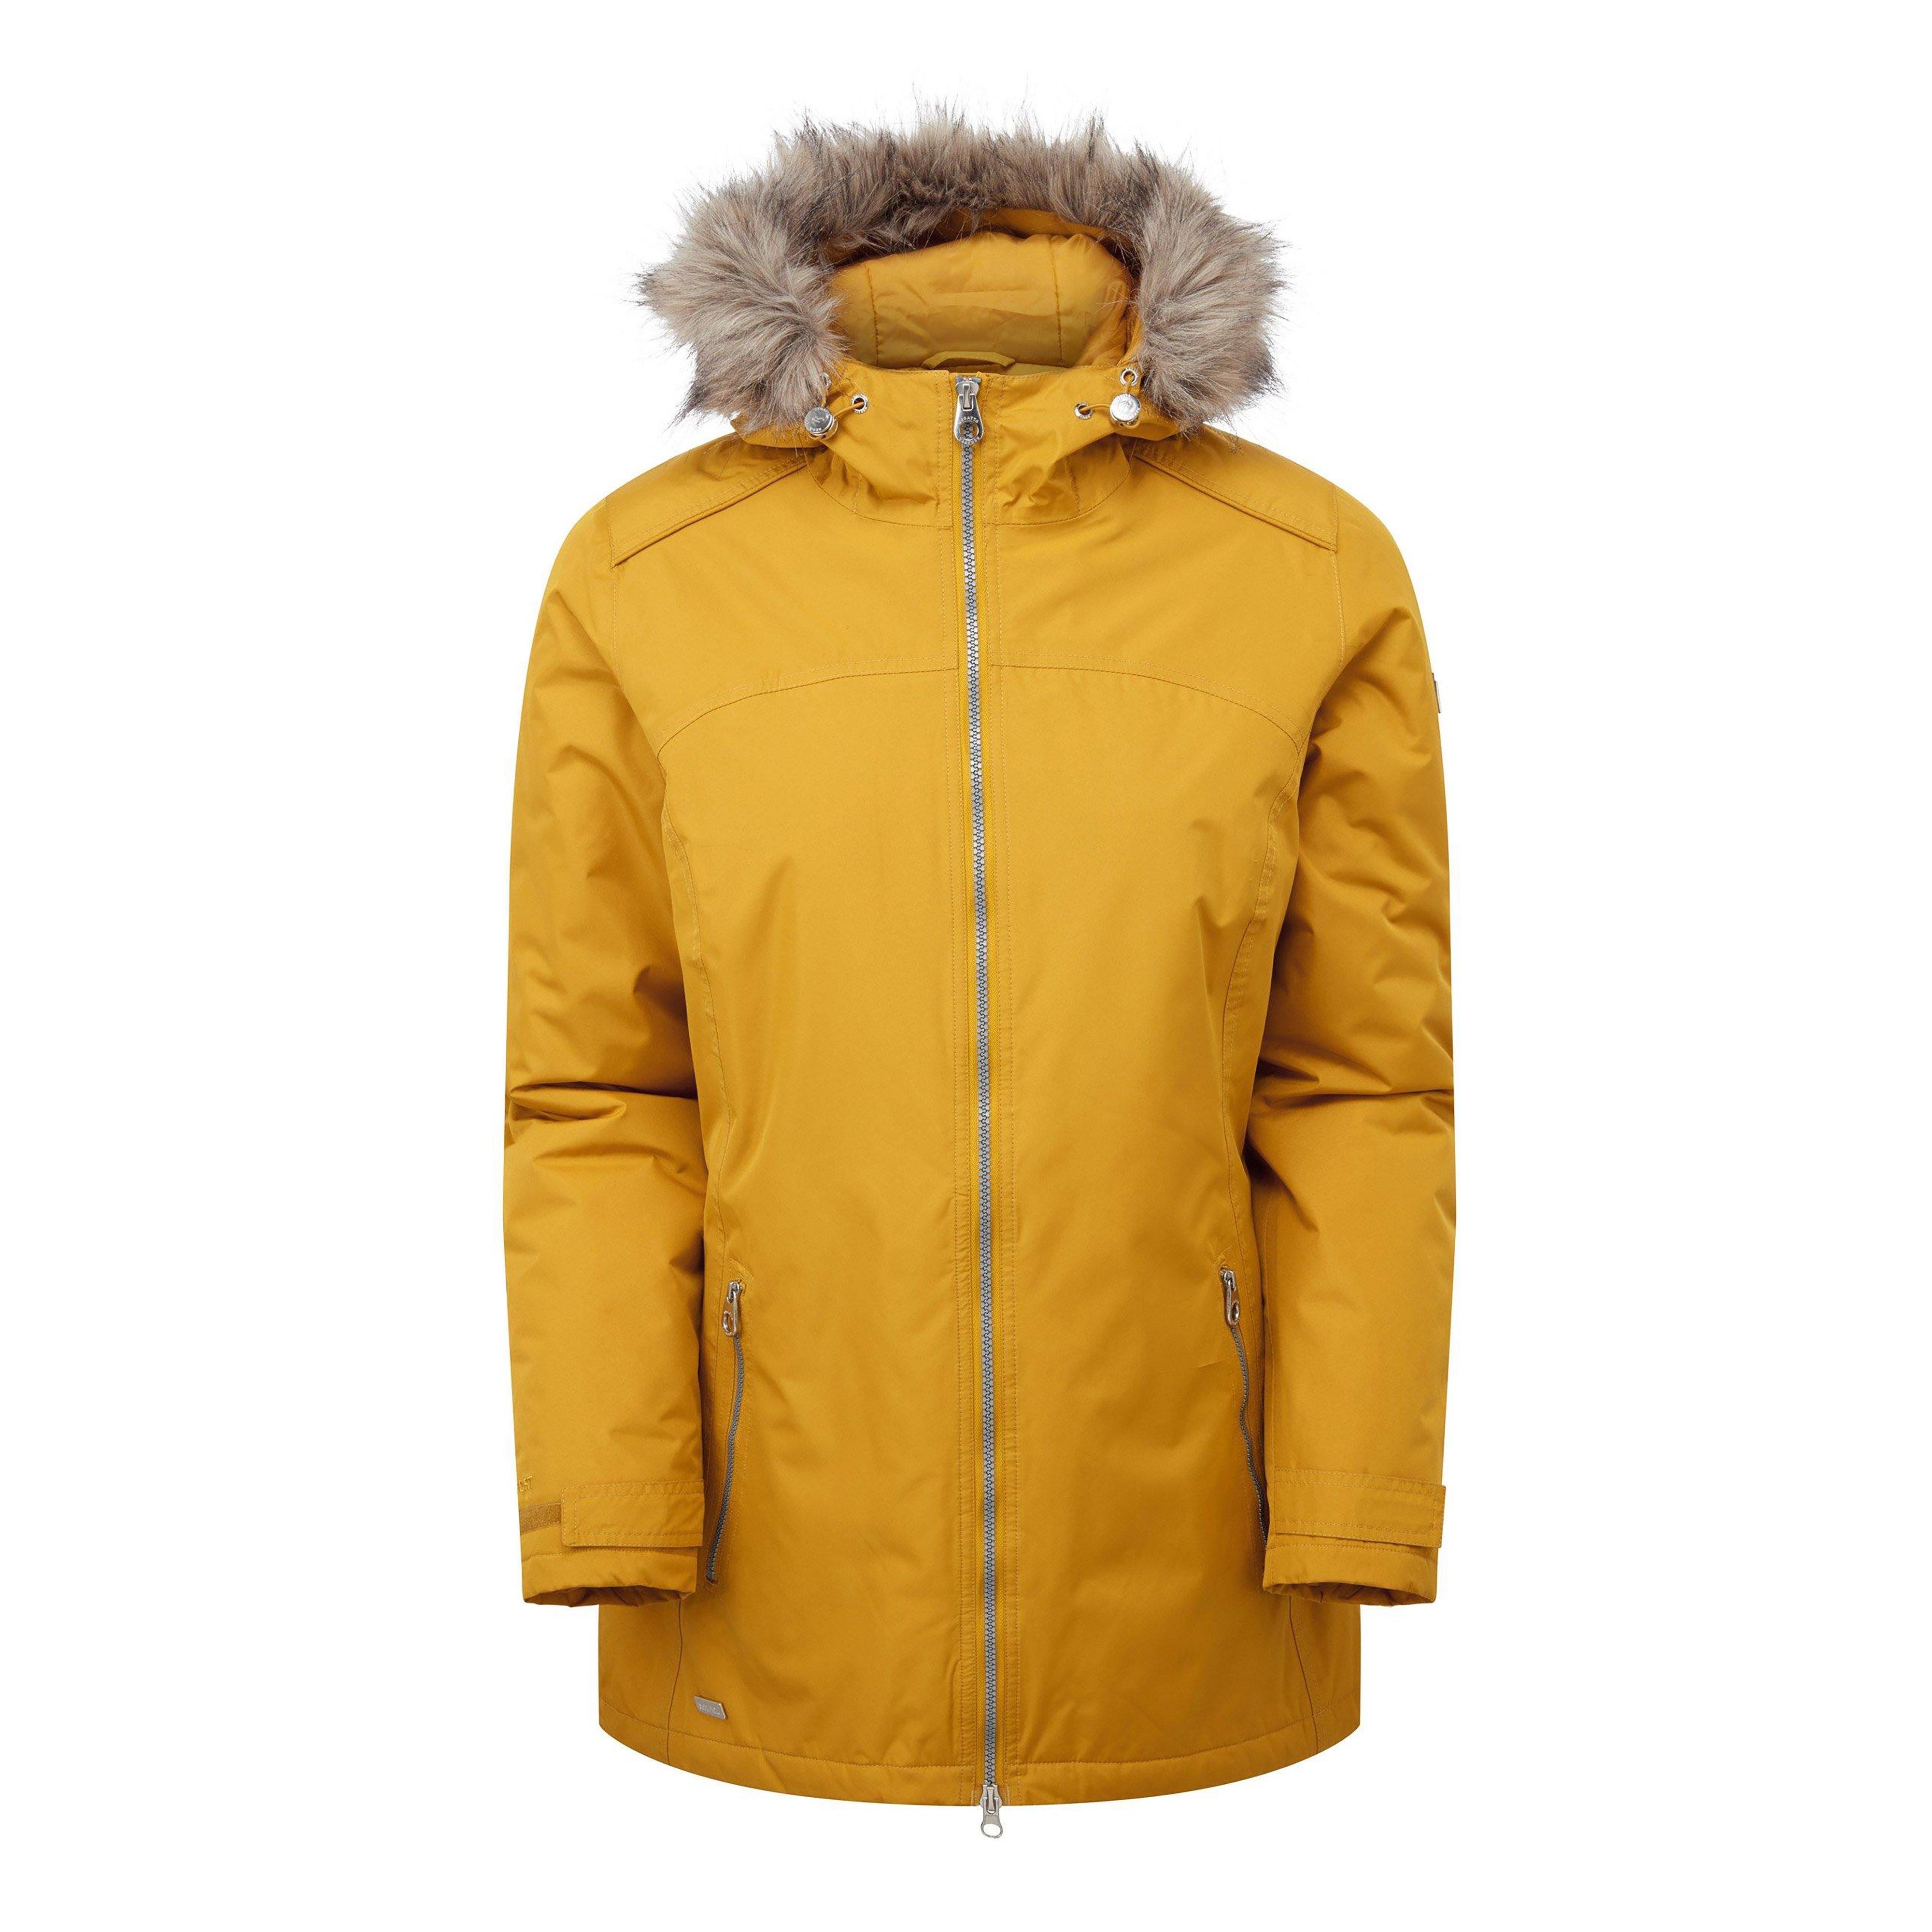 Regatta Regatta womens Lorynn Insulated Waterproof Jacket